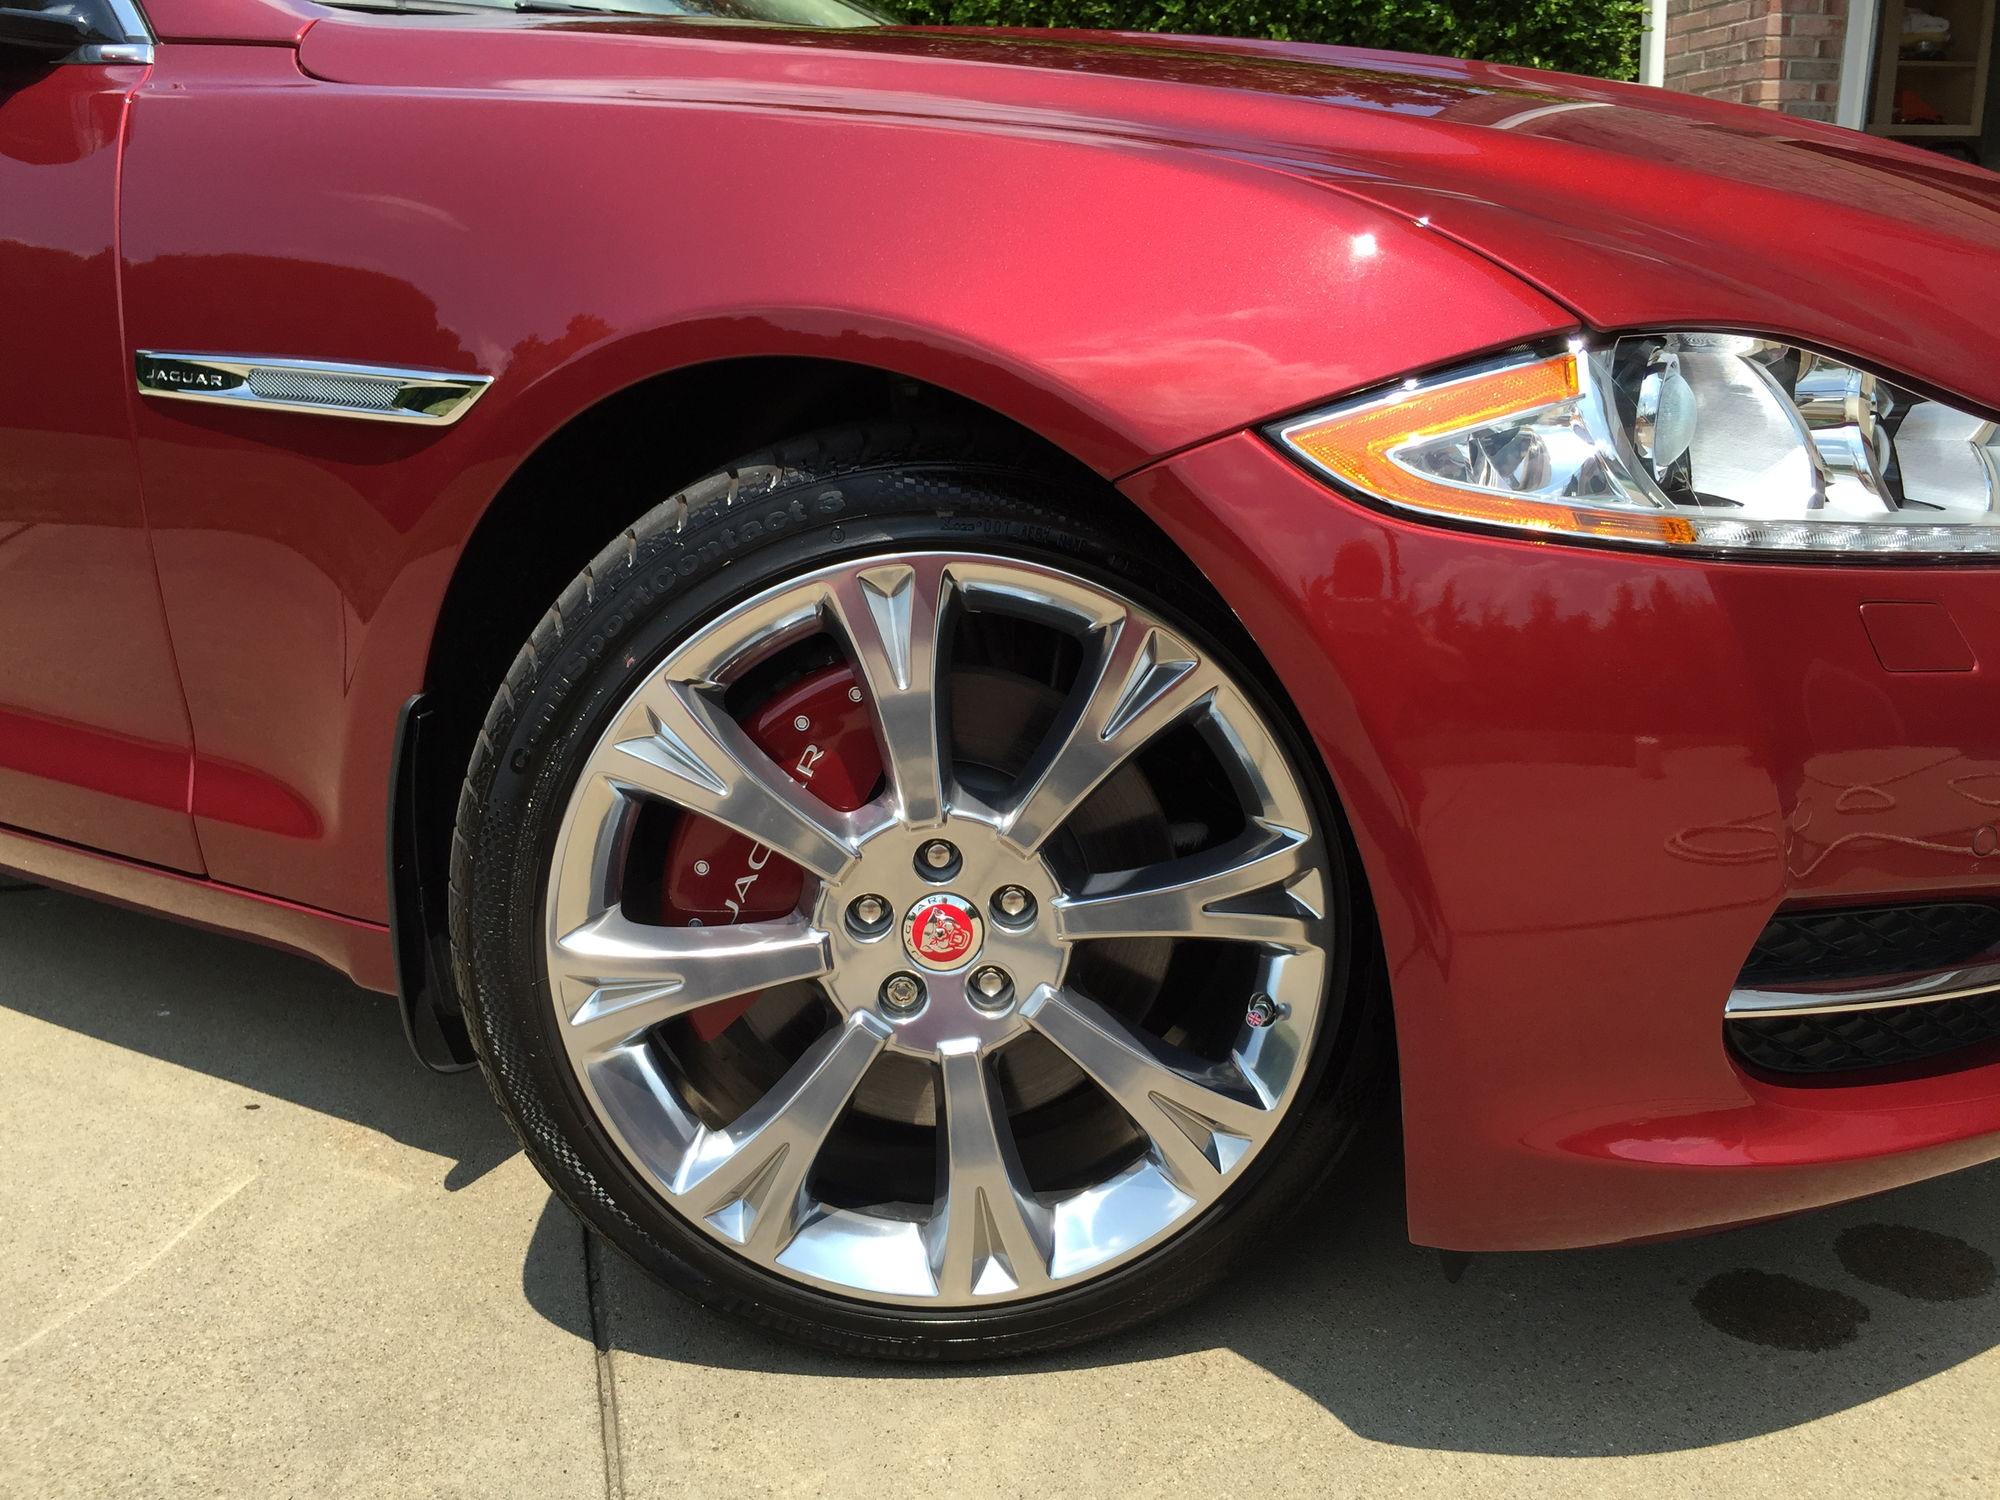 Xj Xjl Picture Thread Jaguar Forums Jaguar Enthusiasts